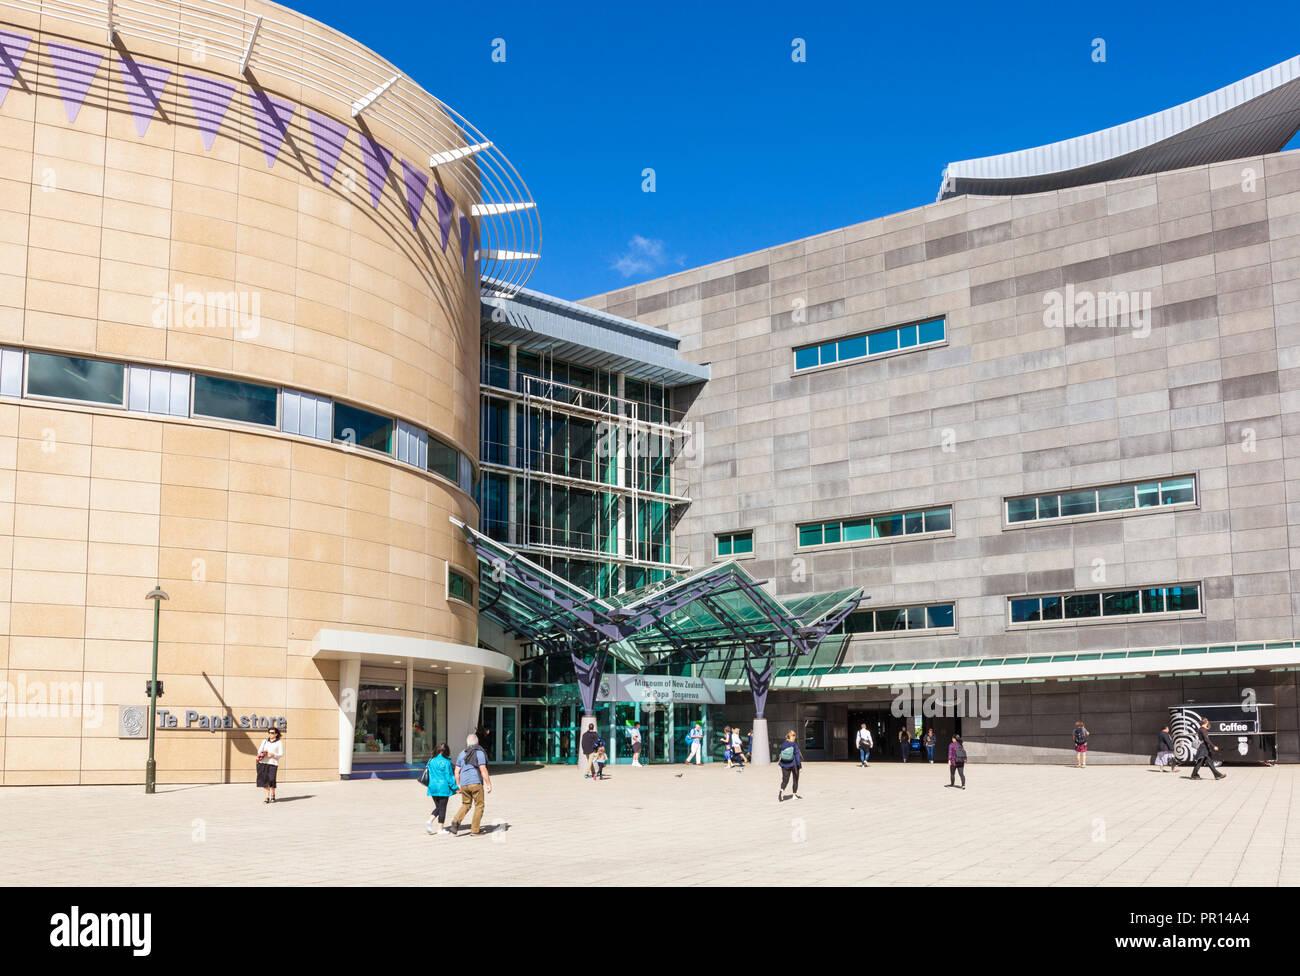 Museum of New Zealand Te Papa Tongarewa, National Museum and Art Gallery, Wellington, Île du Nord, Nouvelle-Zélande, Pacifique Banque D'Images